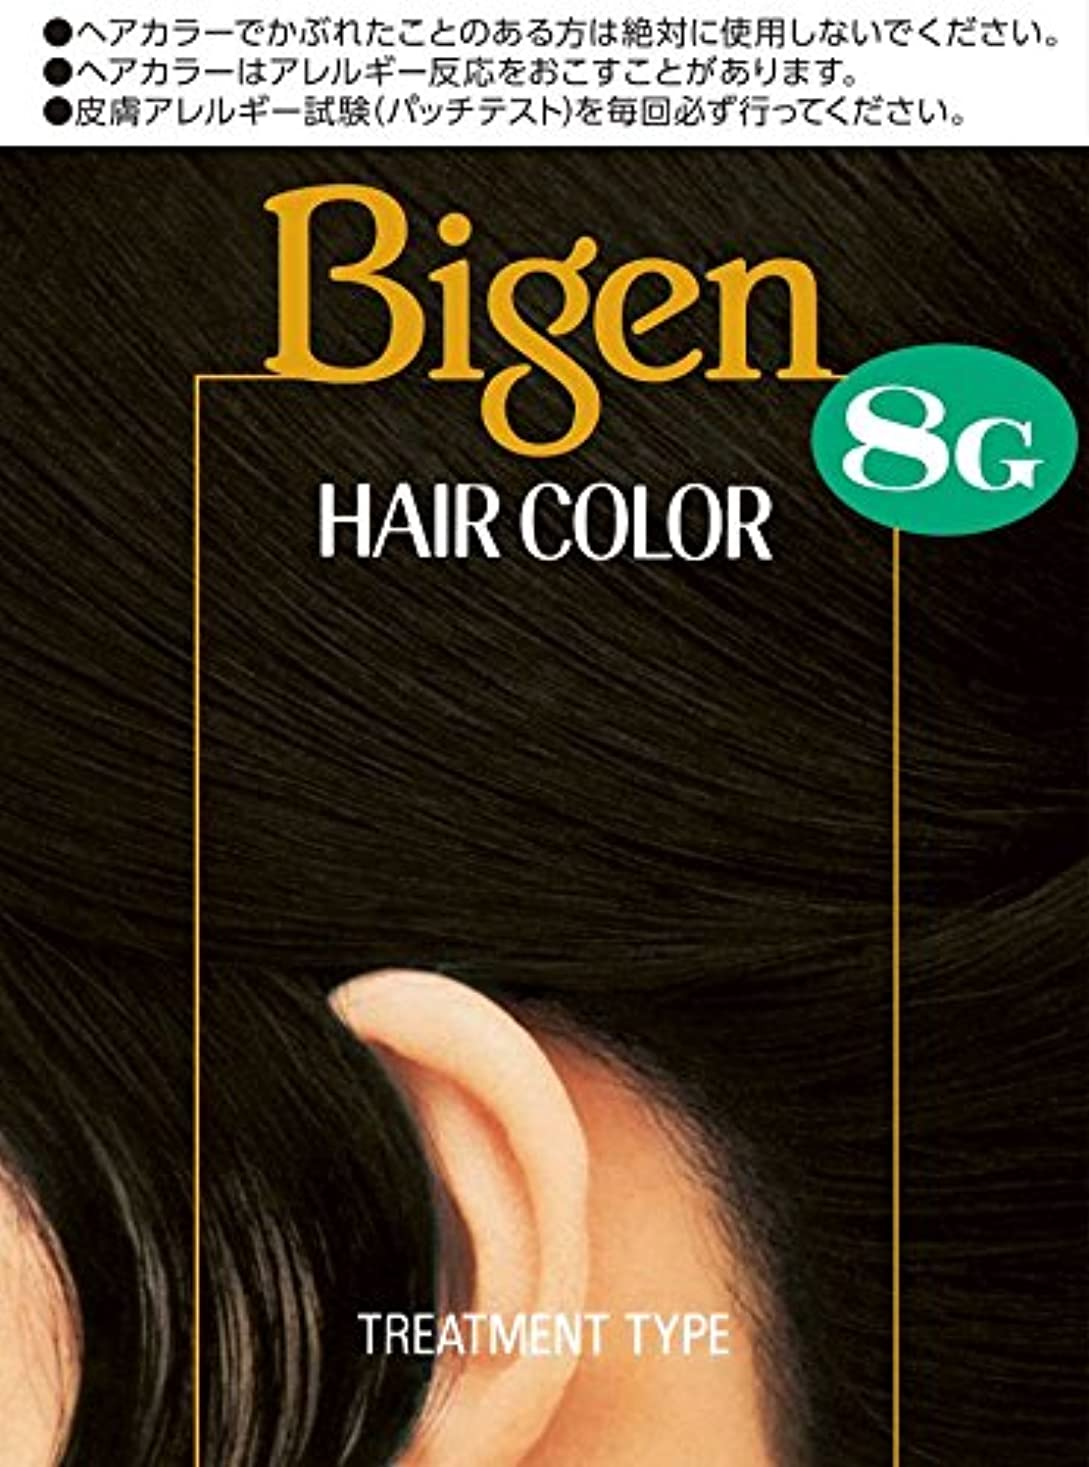 舌なライフル応用ホーユー ビゲン ヘアカラー 8G (自然な黒色) 1剤40mL+2剤40mL [医薬部外品]